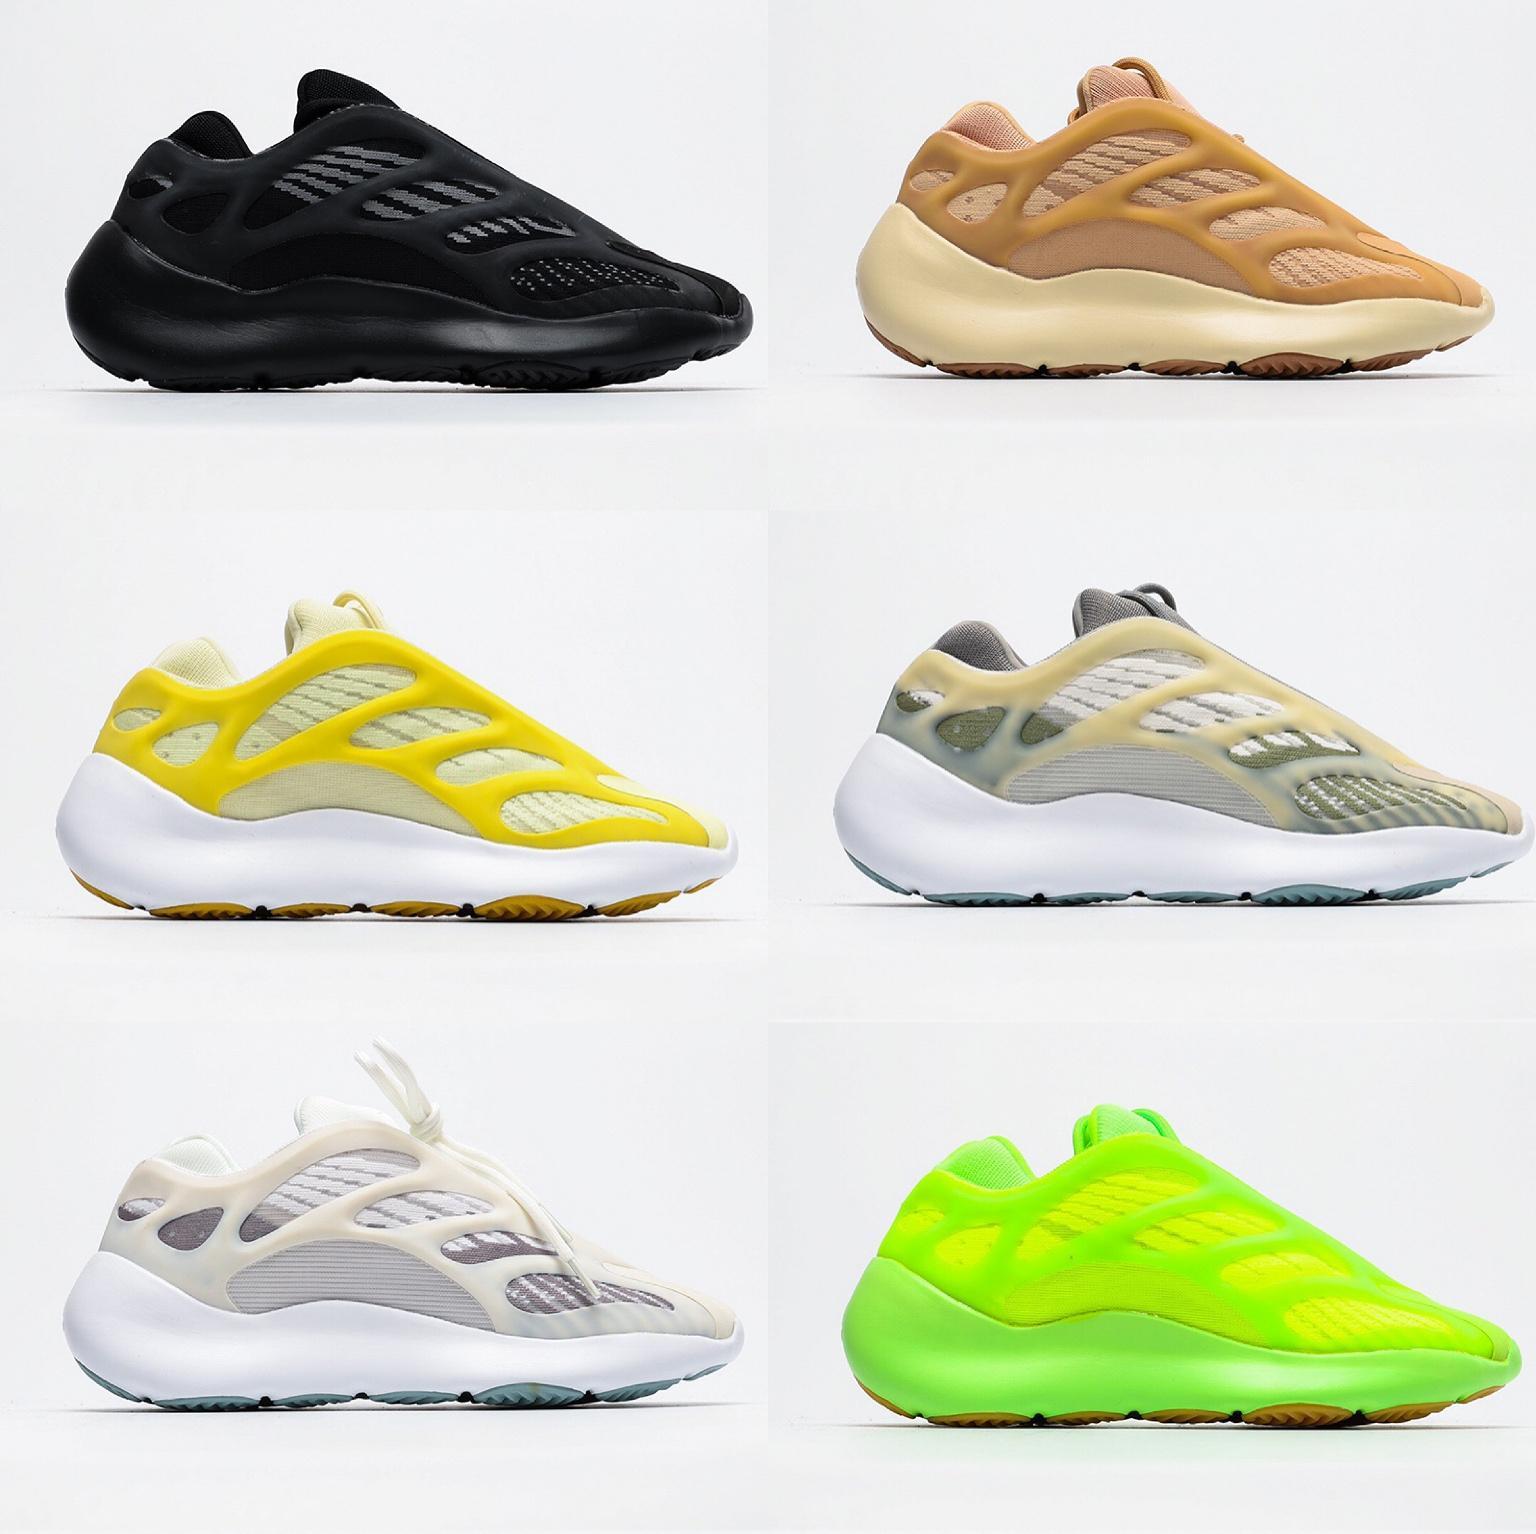 azul Moda onda quente Runner Alvah carbono Casual laranja Casual sapatos de alta qualidade Vanta Tephra Mens Womens Sneakers Com Box